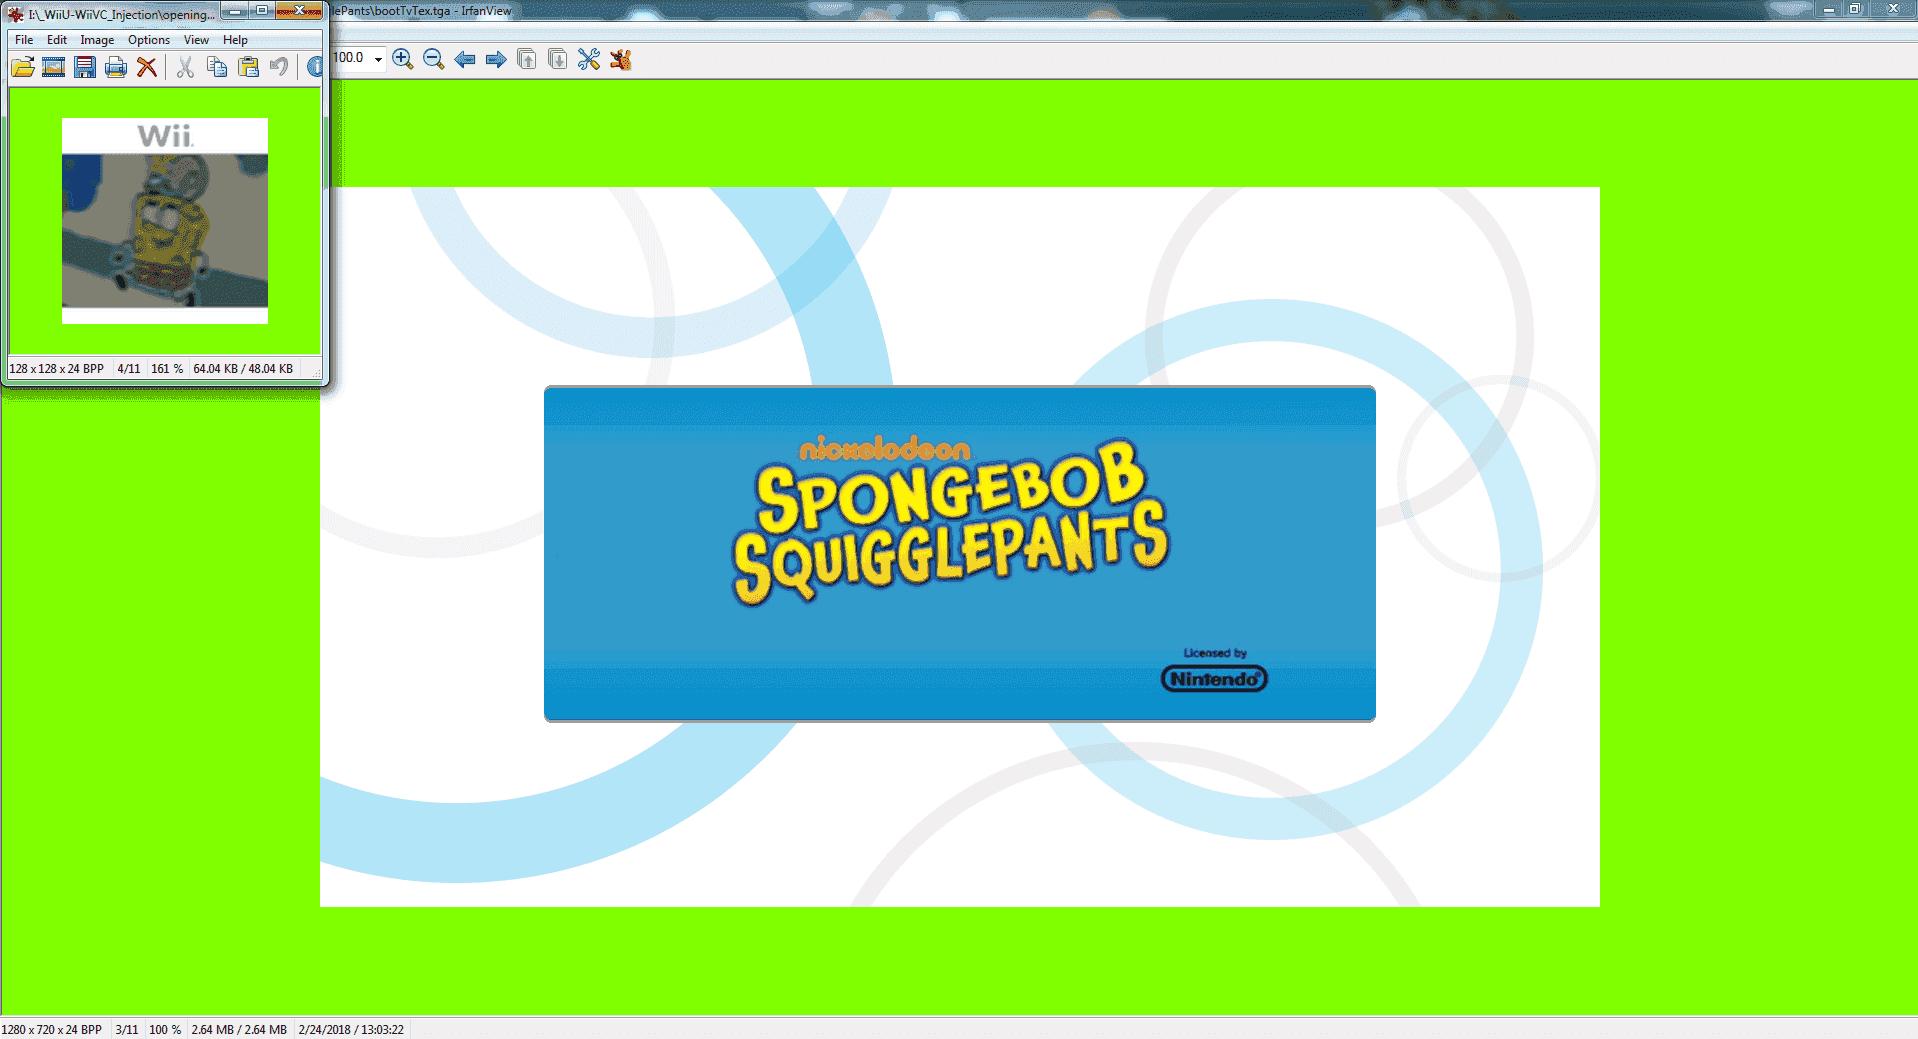 SpongeBobSquigglePants.png